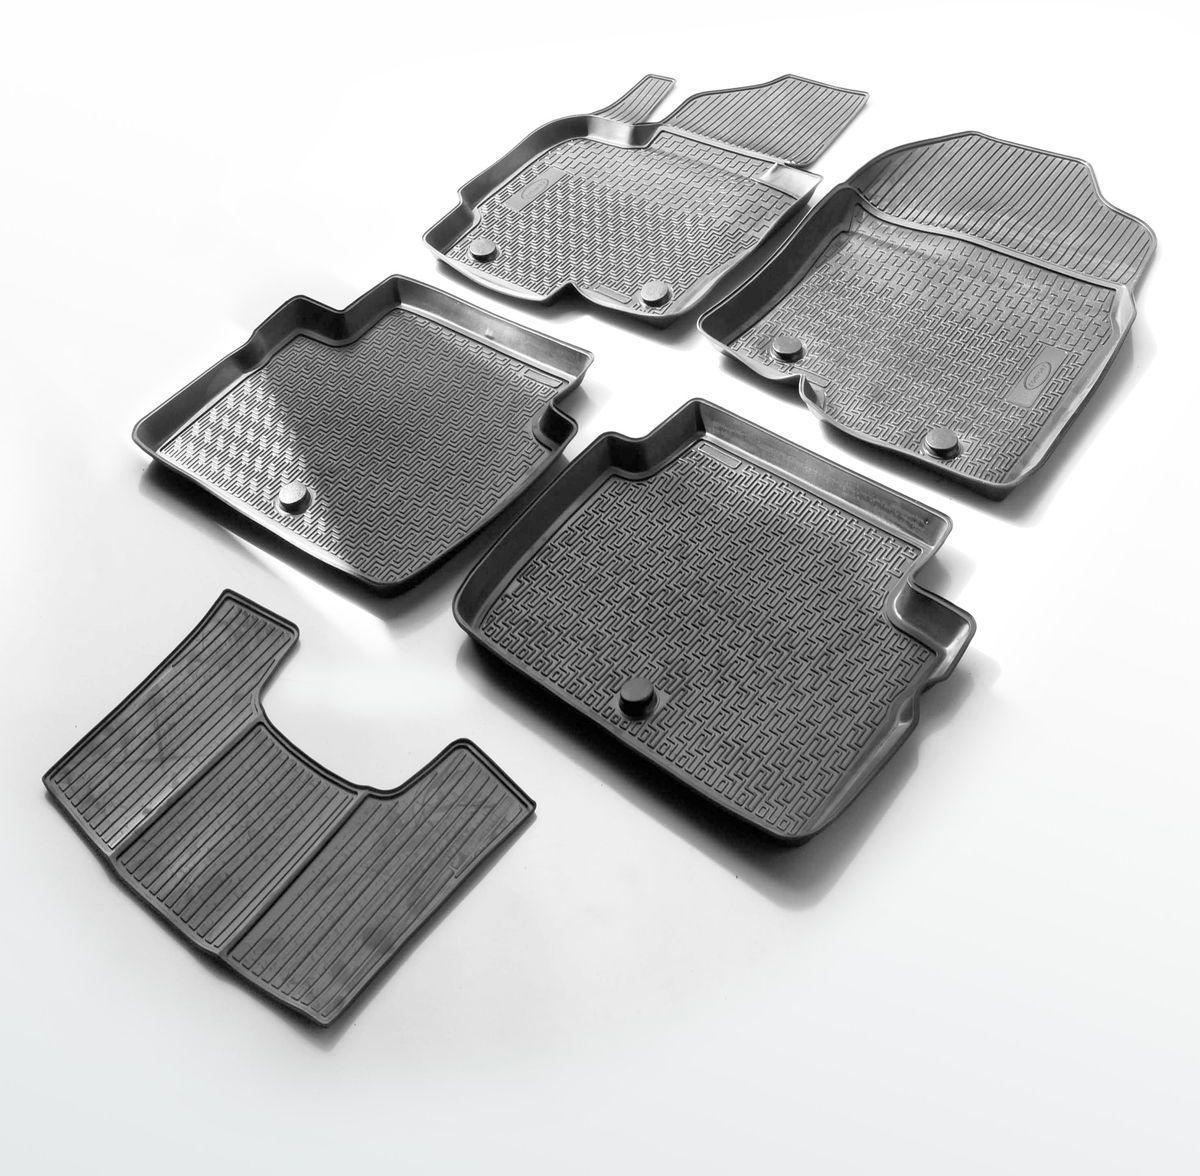 Коврики салона Rival для Suzuki Grand Vitara (5d) 2012-2015, c перемычкой, полиуретан0015501001Прочные и долговечные коврики Rival в салон автомобиля, изготовлены из высококачественного и экологичного сырья, полностью повторяют геометрию салона вашего автомобиля. - Надежная система крепления, позволяющая закрепить коврик на штатные элементы фиксации, в результате чего отсутствует эффект скольжения по салону автомобиля. - Высокая стойкость поверхности к стиранию. - Специализированный рисунок и высокий борт, препятствующие распространению грязи и жидкости по поверхности коврика. - Перемычка задних ковриков в комплекте предотвращает загрязнение тоннеля карданного вала. - Произведены из первичных материалов, в результате чего отсутствует неприятный запах в салоне автомобиля. - Высокая эластичность, можно беспрепятственно эксплуатировать при температуре от -45 ?C до +45 ?C. Уважаемые клиенты! Обращаем ваше внимание, что коврики имеет форму соответствующую модели данного автомобиля. Фото служит для визуального восприятия товара.